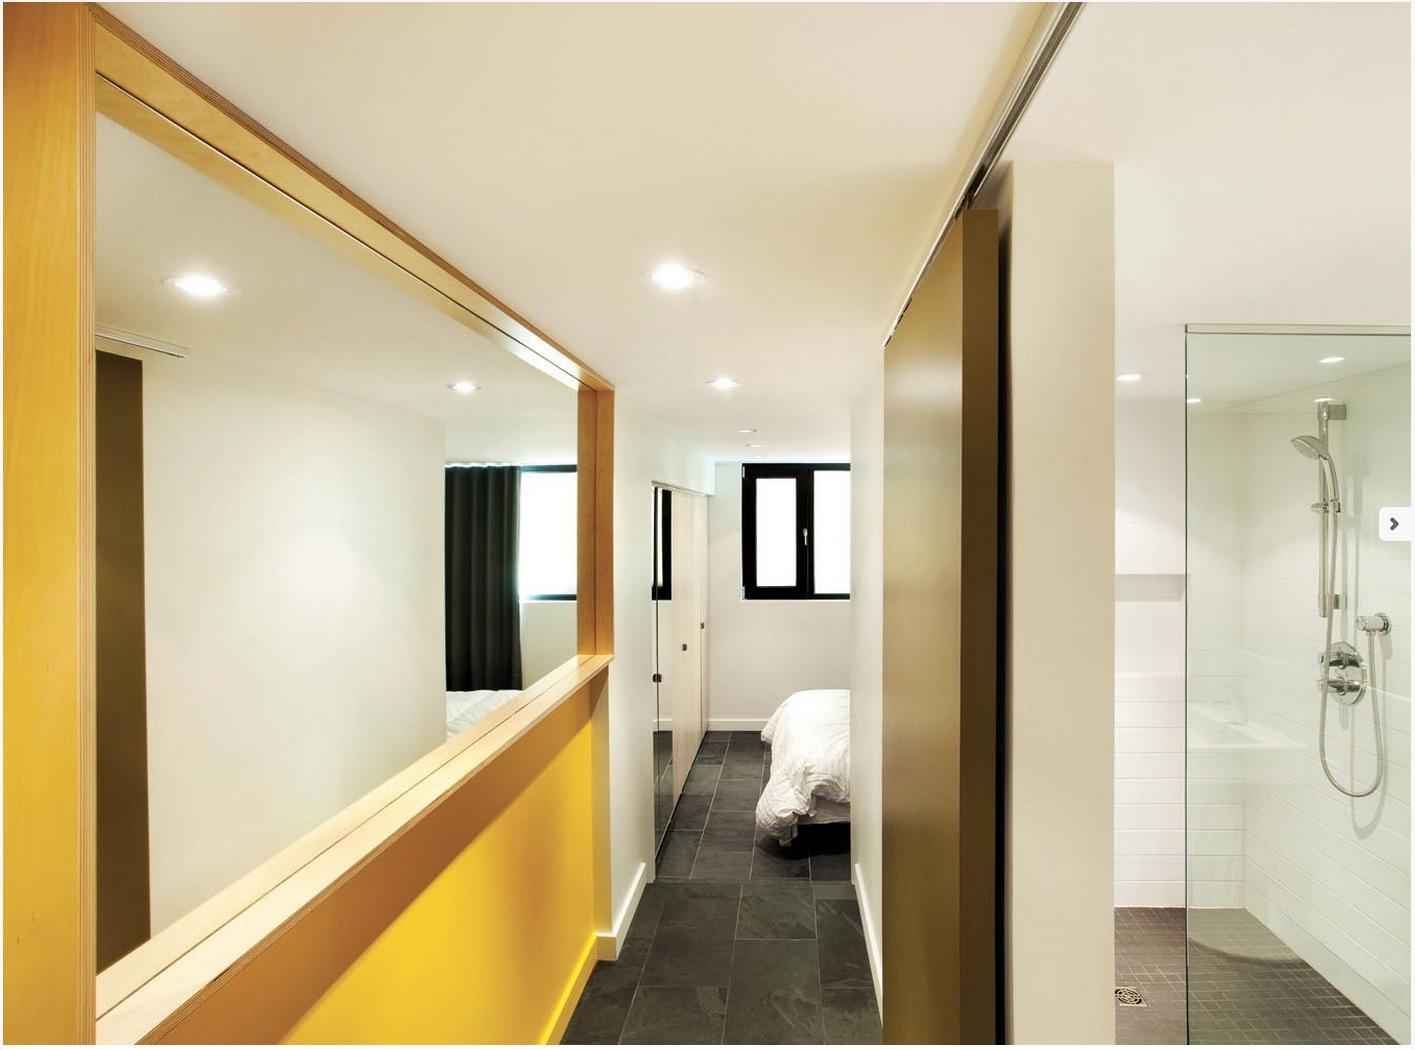 Residence-Berri-Montreal-Design-05